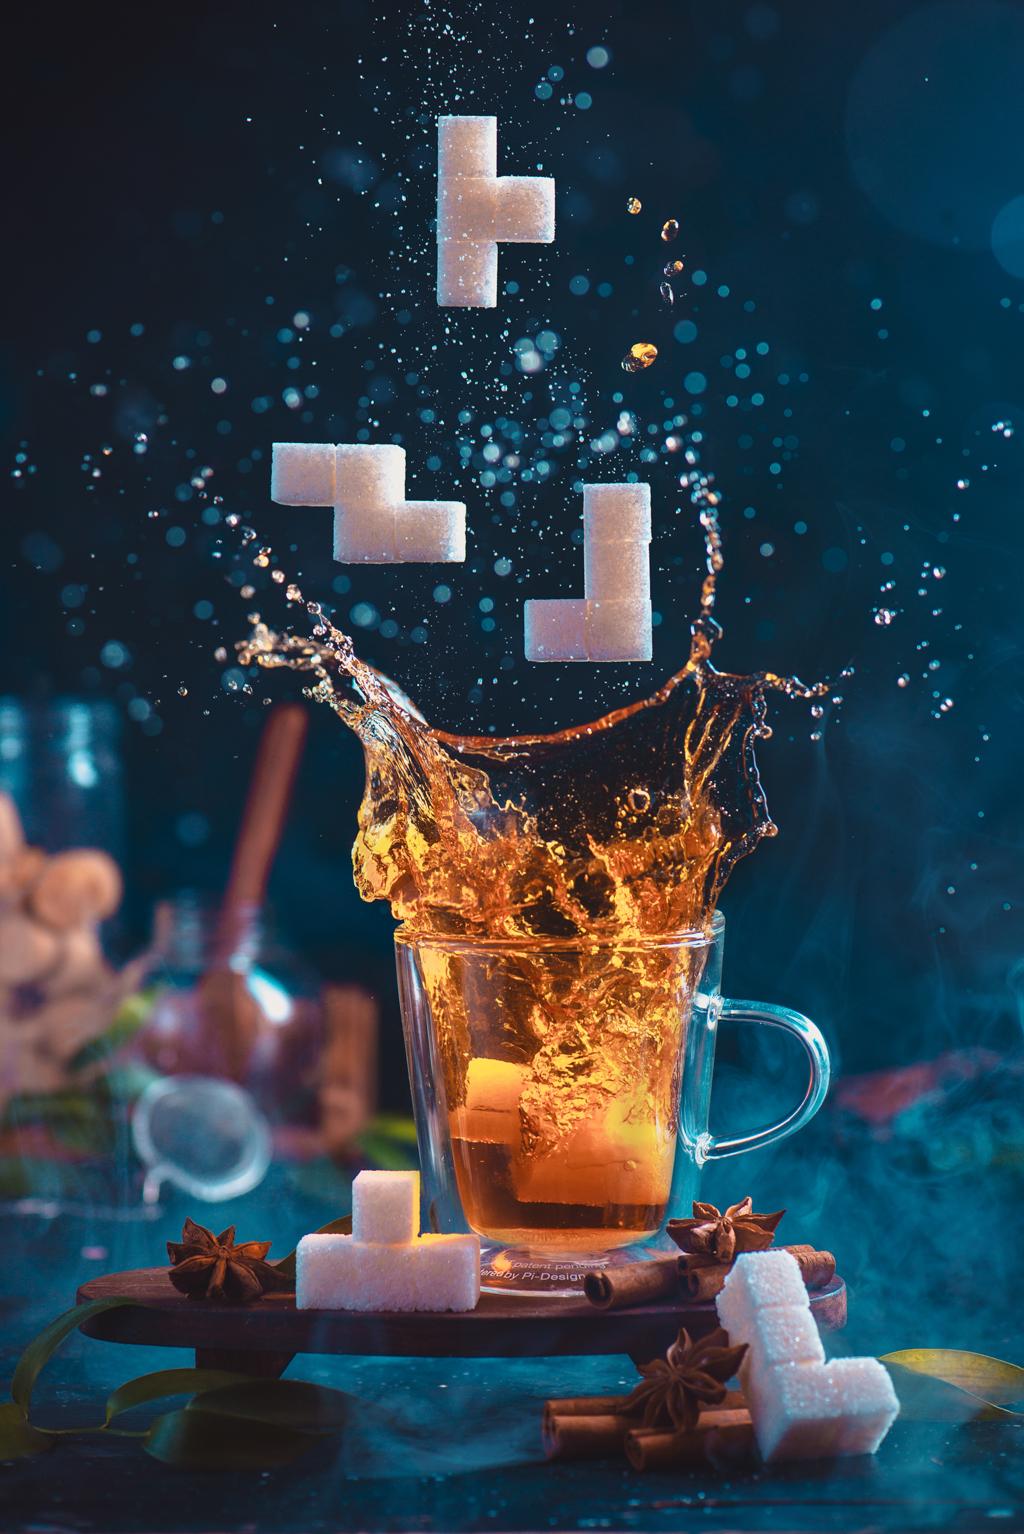 Tetromino tea (1) by dinabelenko